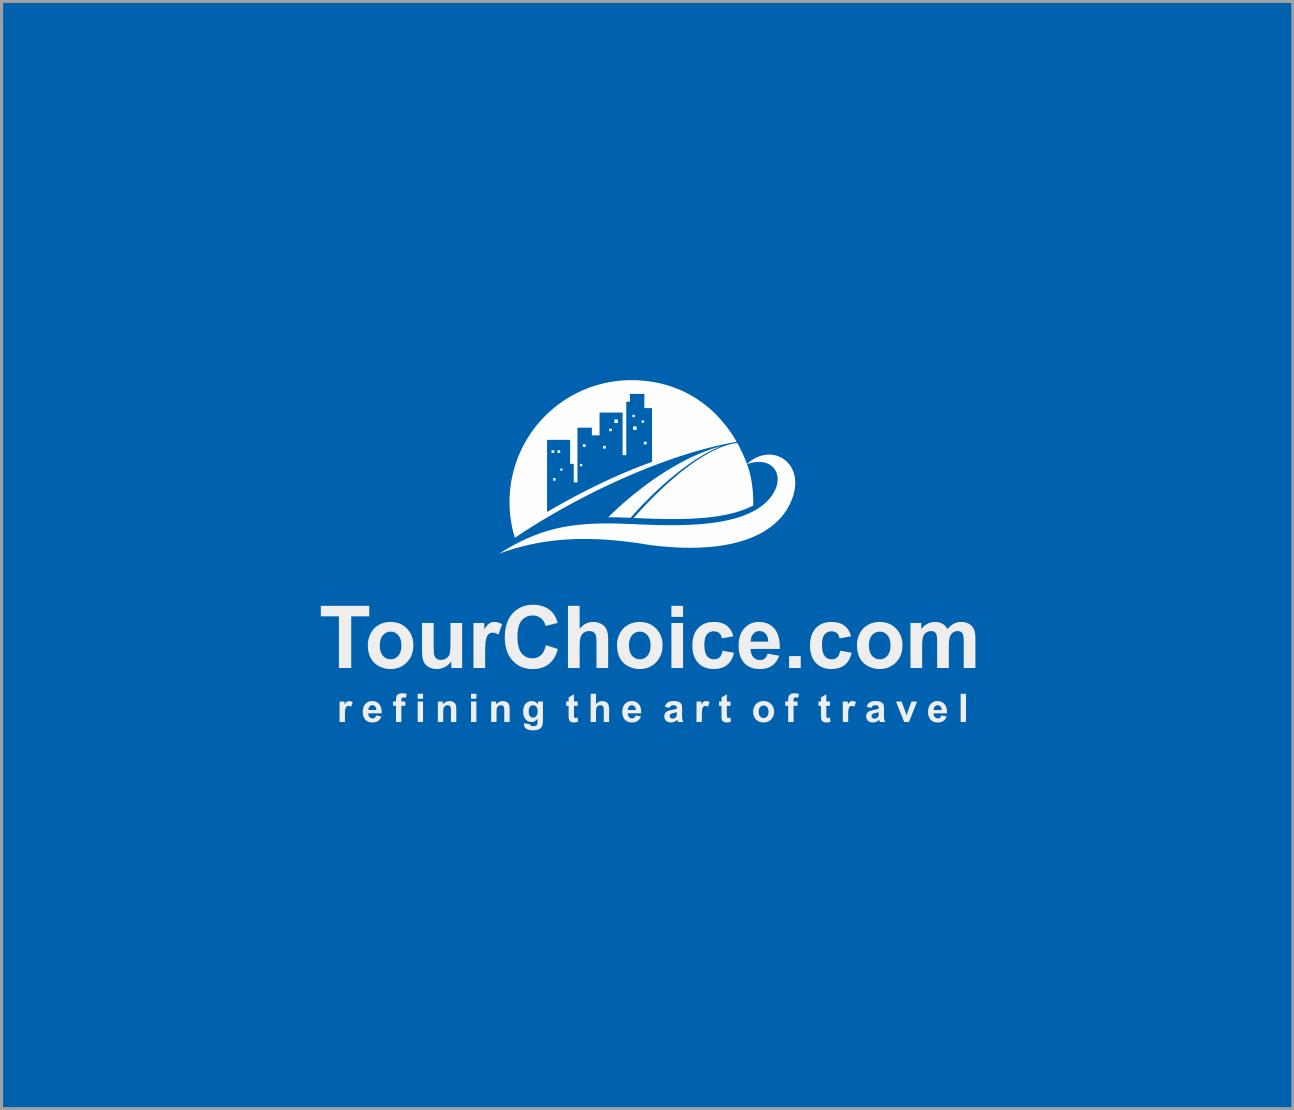 Logo Design by Armada Jamaluddin - Entry No. 55 in the Logo Design Contest www.TourChoice.com Logo Design.